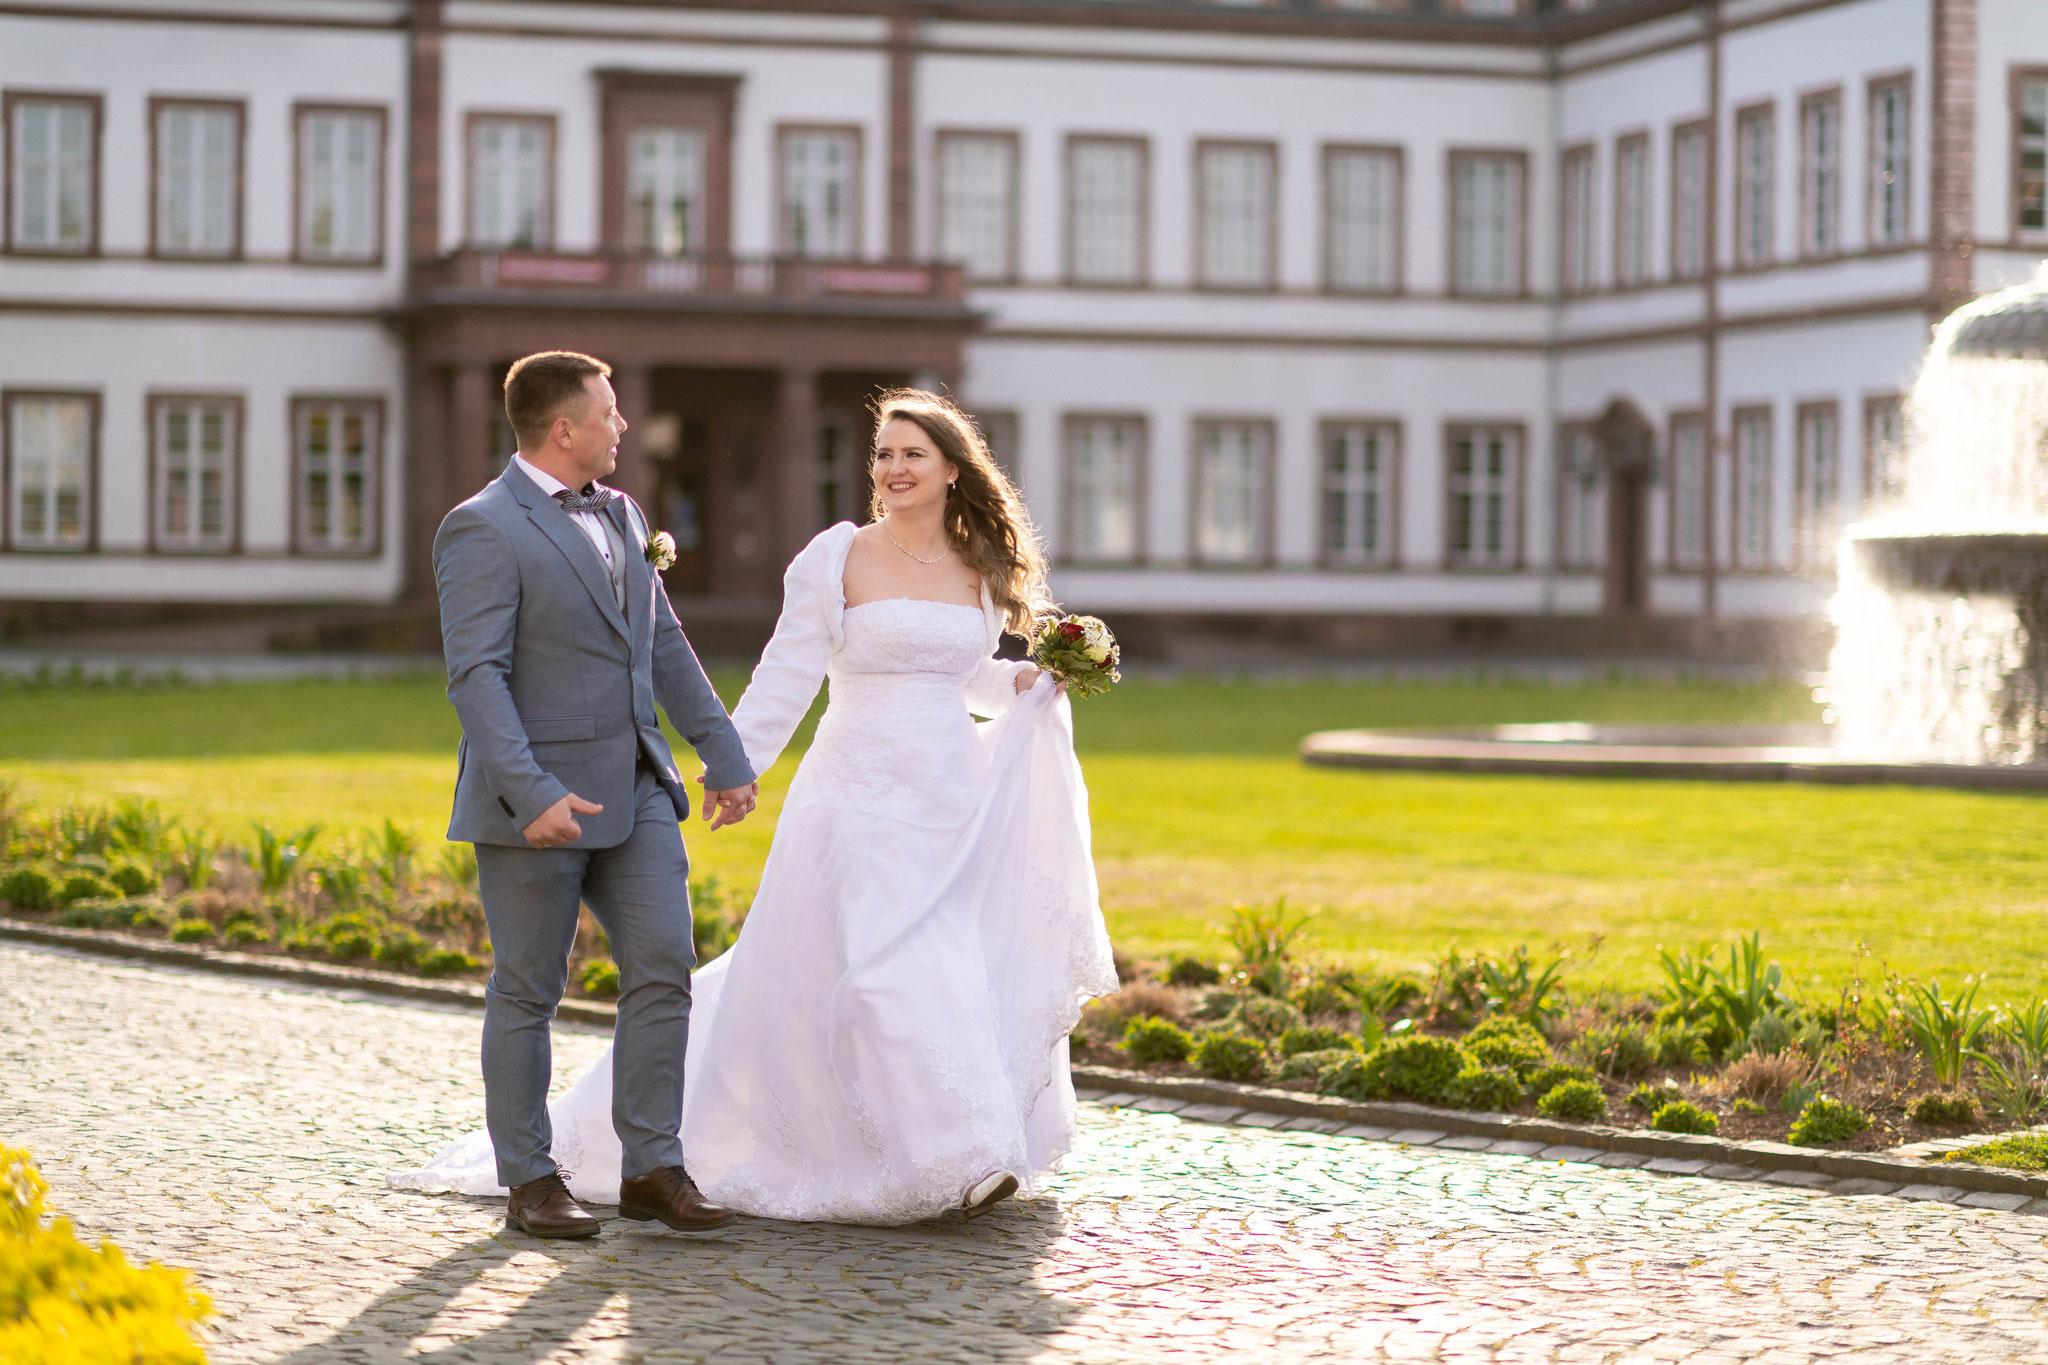 Authentische Hochzeitsaufnahmen vom professionellen Hochzeitsfotograf